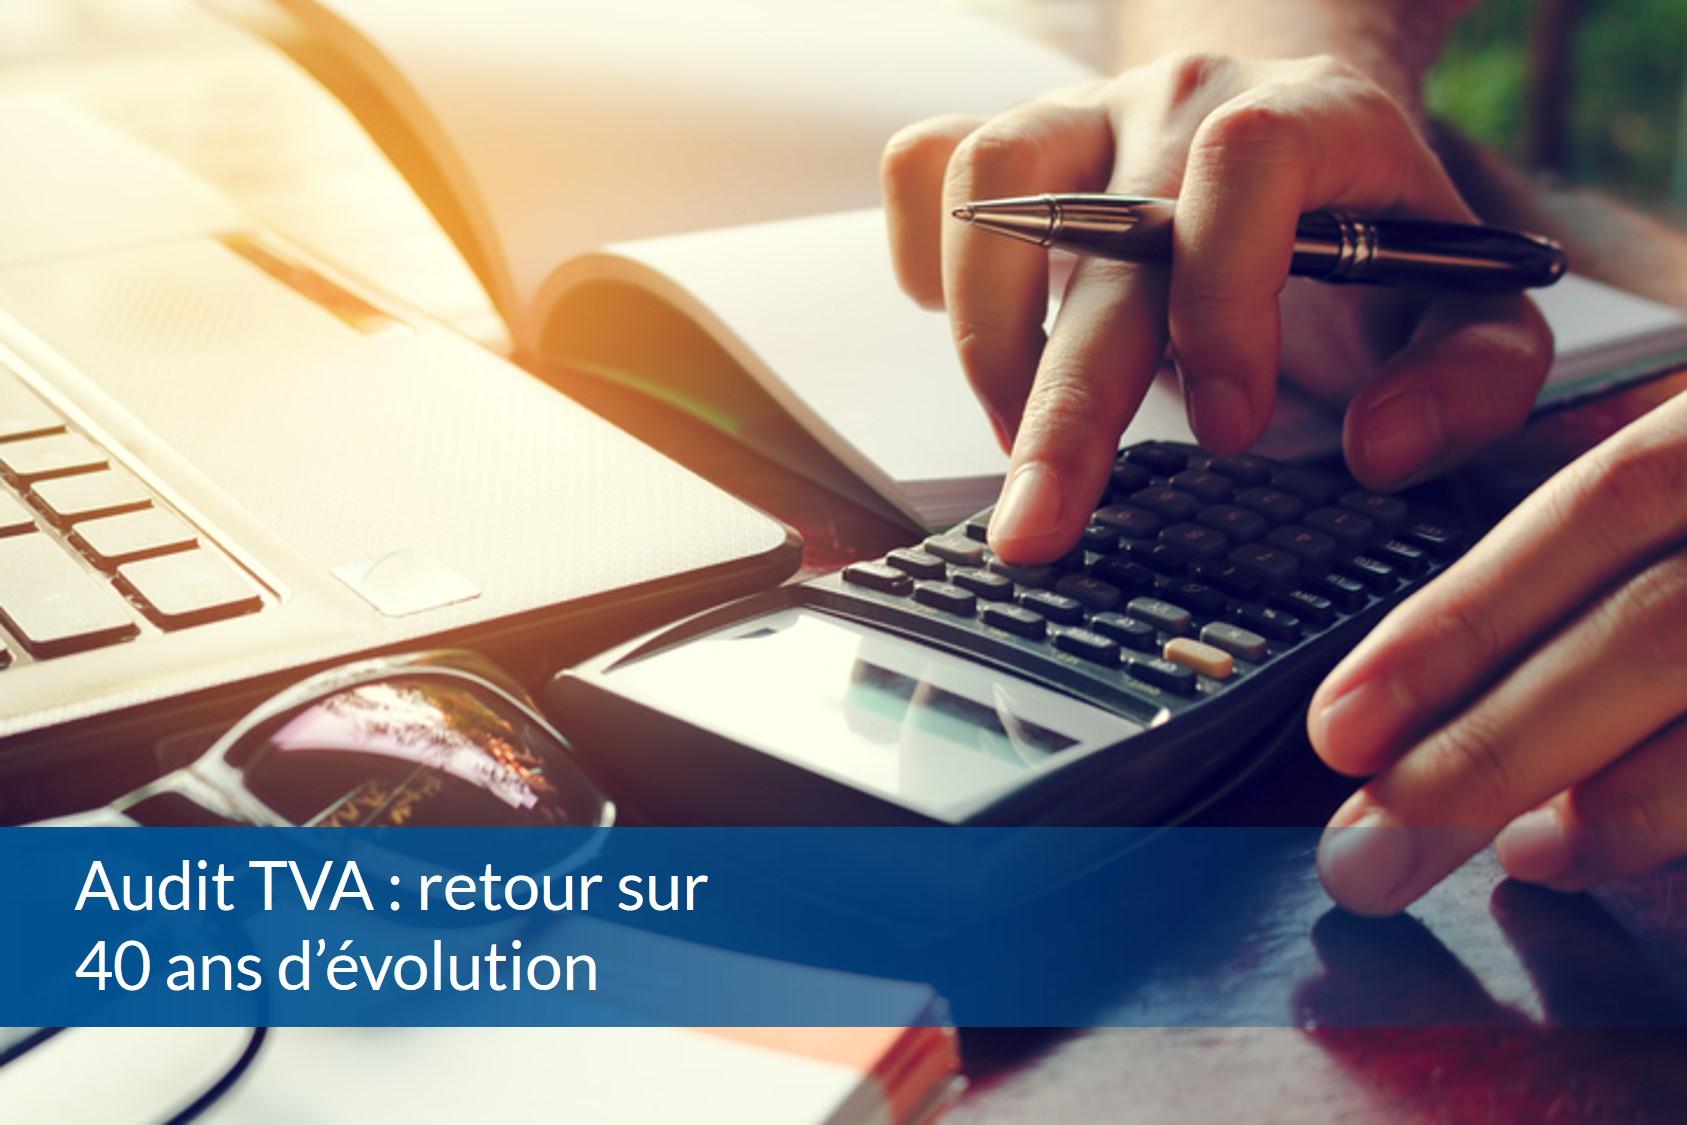 Audit TVA : retour sur 40 ans d'évolution